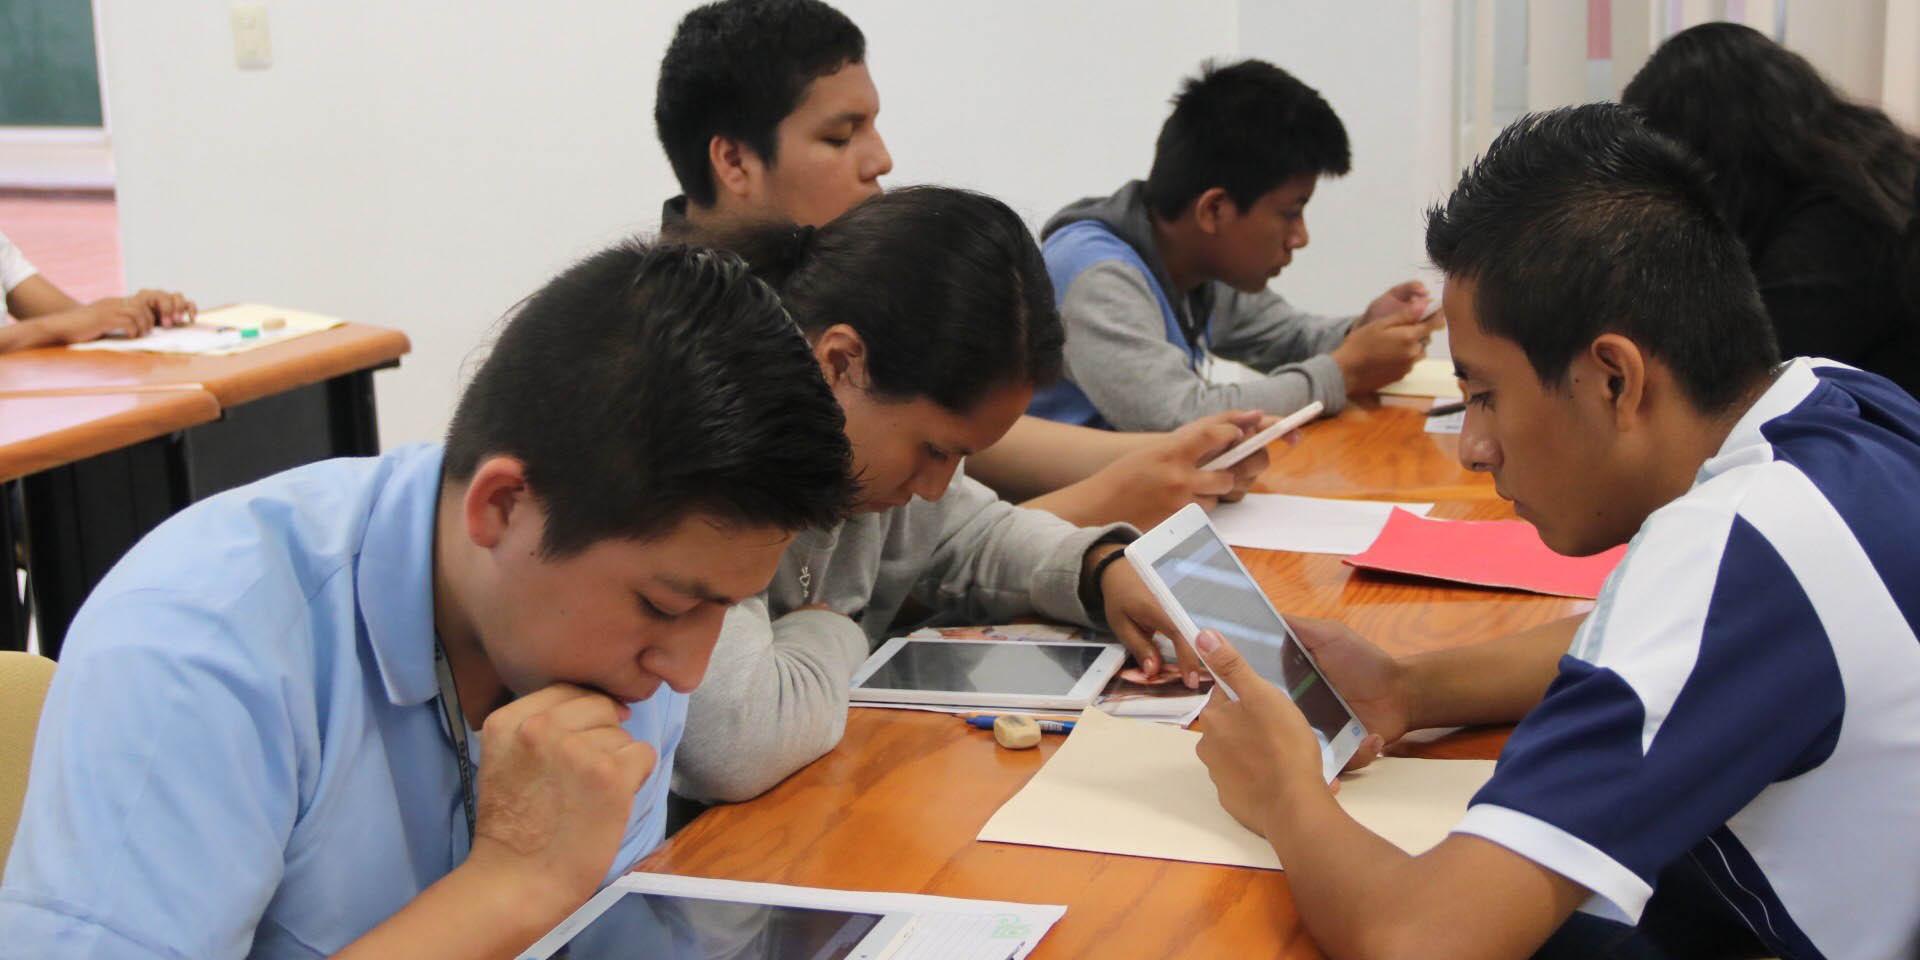 Continúa abierta la convocatoria para ingreso a las Preparatorias y Bachilleratos de la UABJO | El Imparcial de Oaxaca